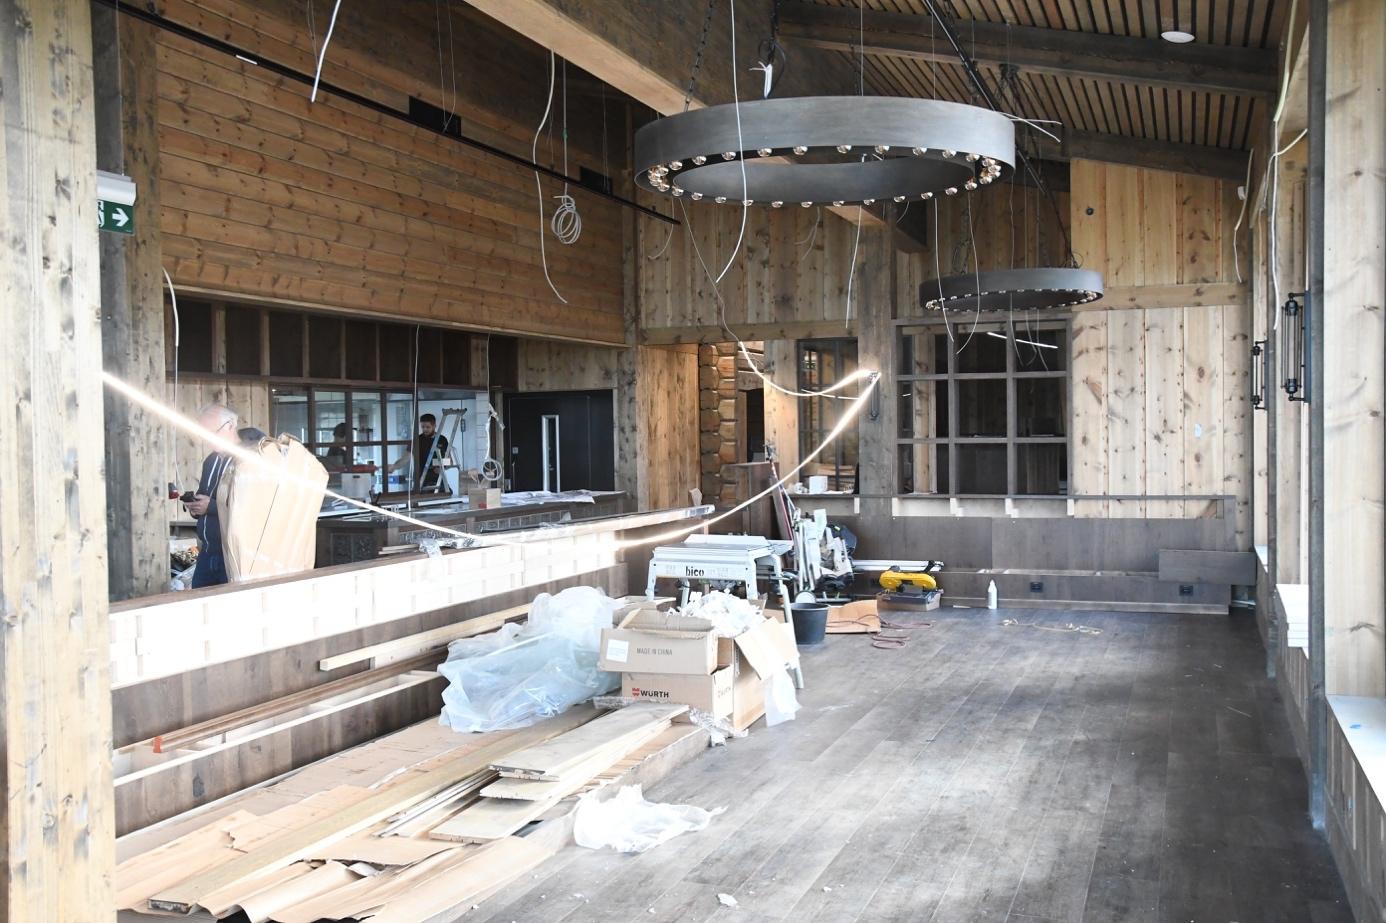 Et bilde som inneholder bygning, innendørs, gulv, betong  Automatisk generert beskrivelse